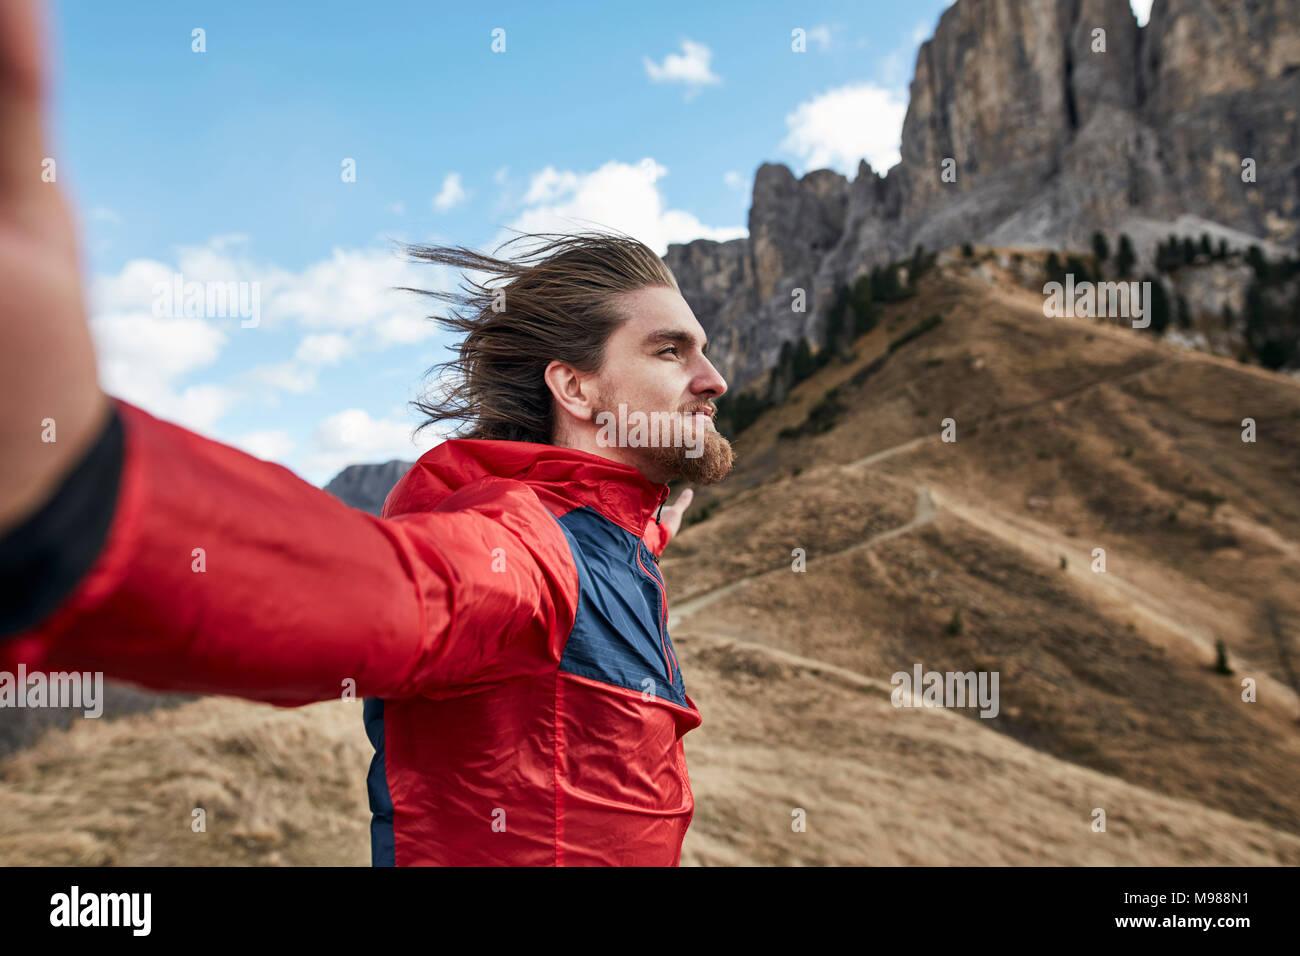 Giovane uomo appoggiata contro il vento in montagna Immagini Stock